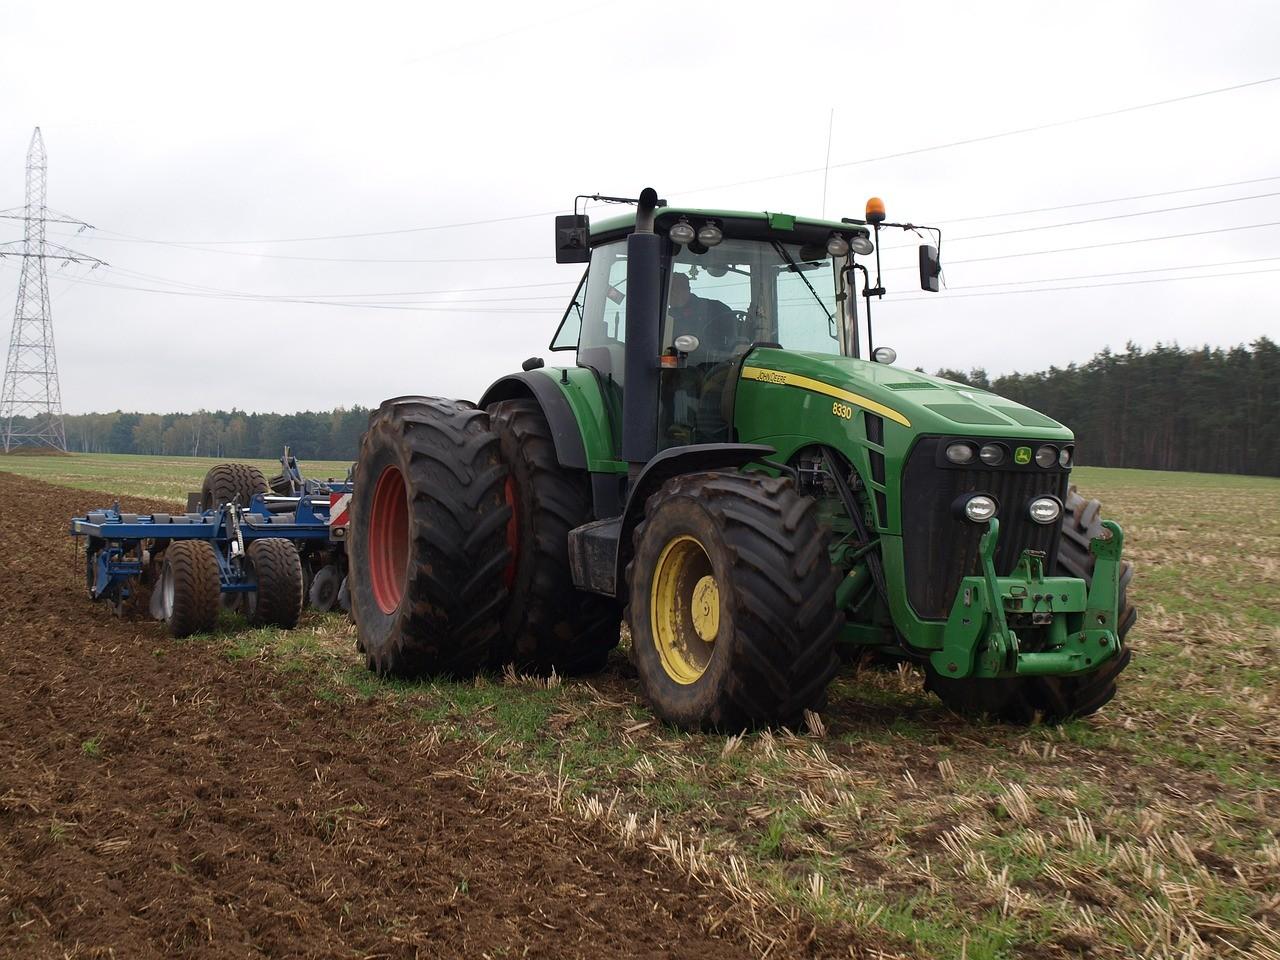 Tavaly átlagosan 16 százalékkal drágult a termőföld Magyarországon